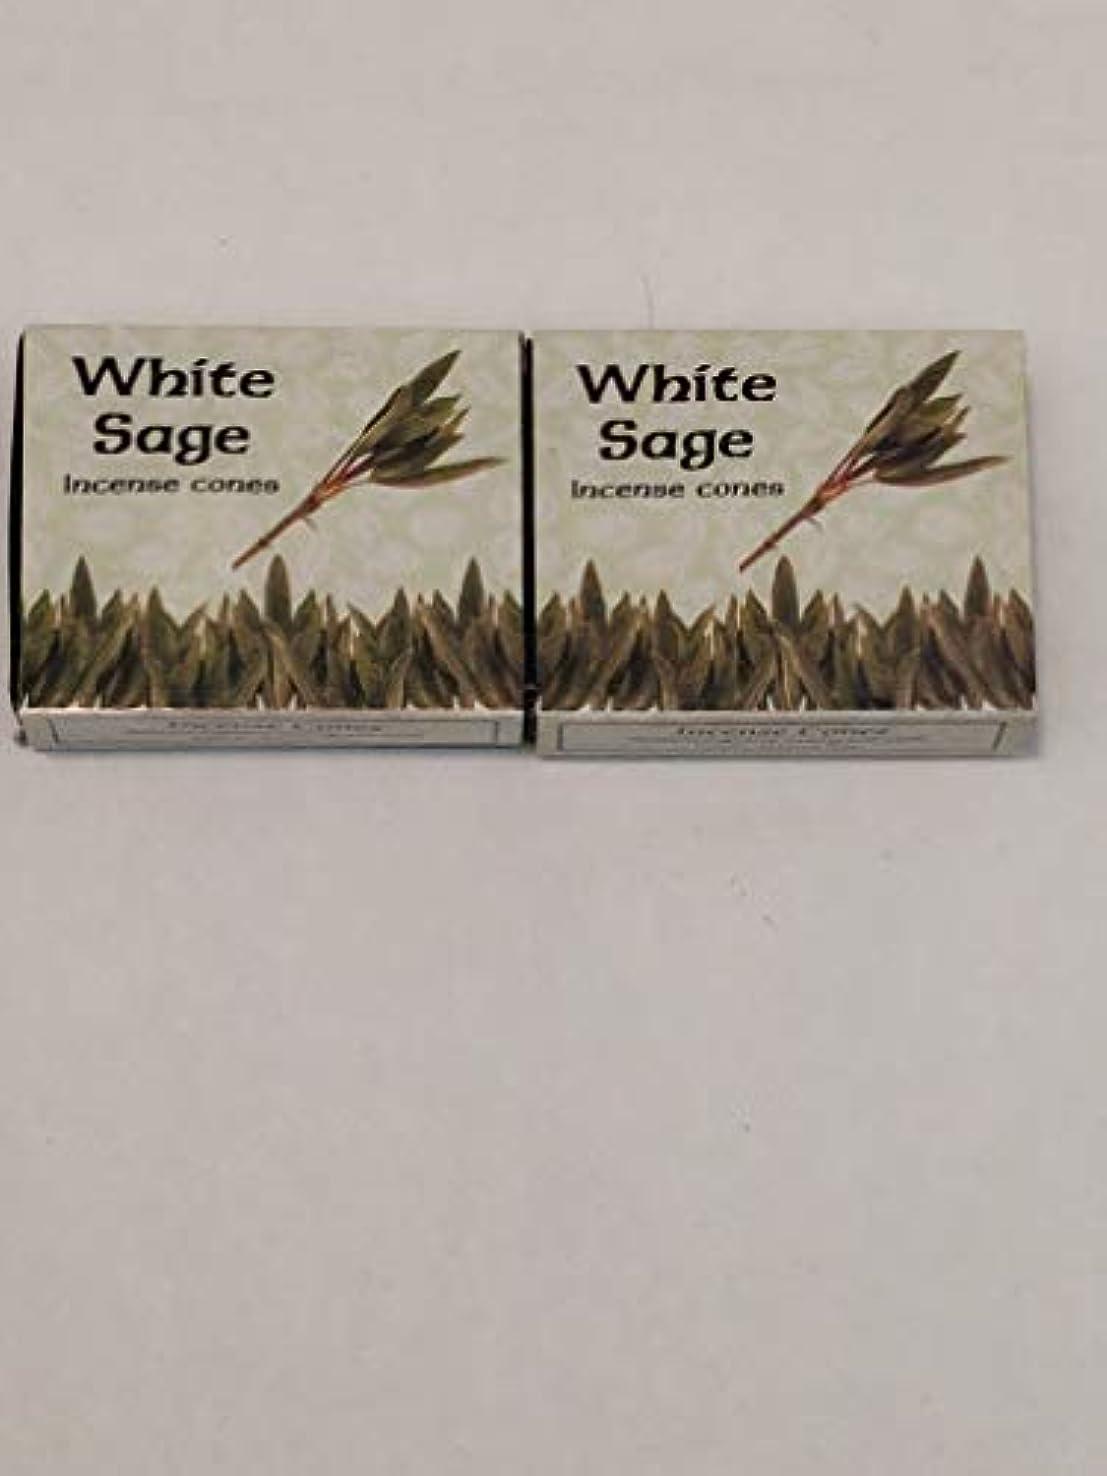 ナット類似性バイオレットKamini ホワイトセージ線香 マルチパック 2 Packs (20 Cones) ブラウン